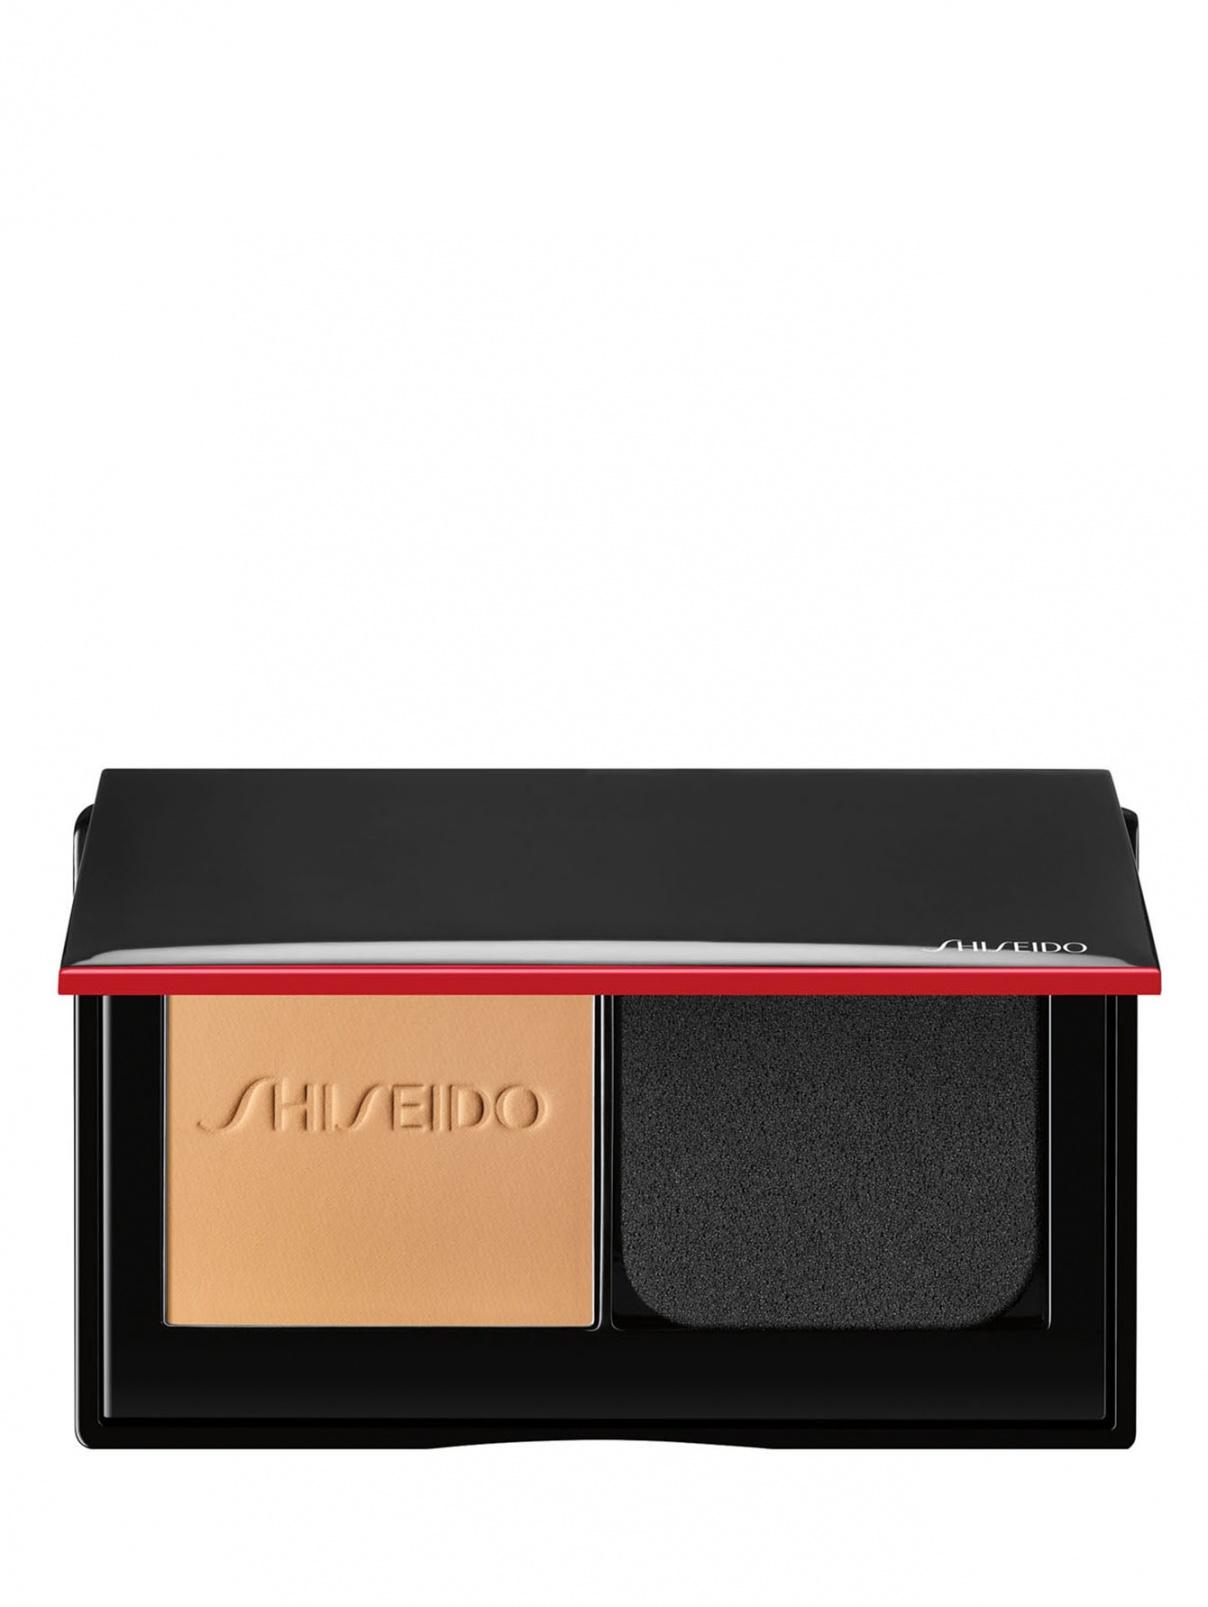 SHISEIDO SYNCHRO SKIN Компактная тональная пудра для свежего безупречного покрытия, 220 Linen, 10 г Shiseido  –  Общий вид